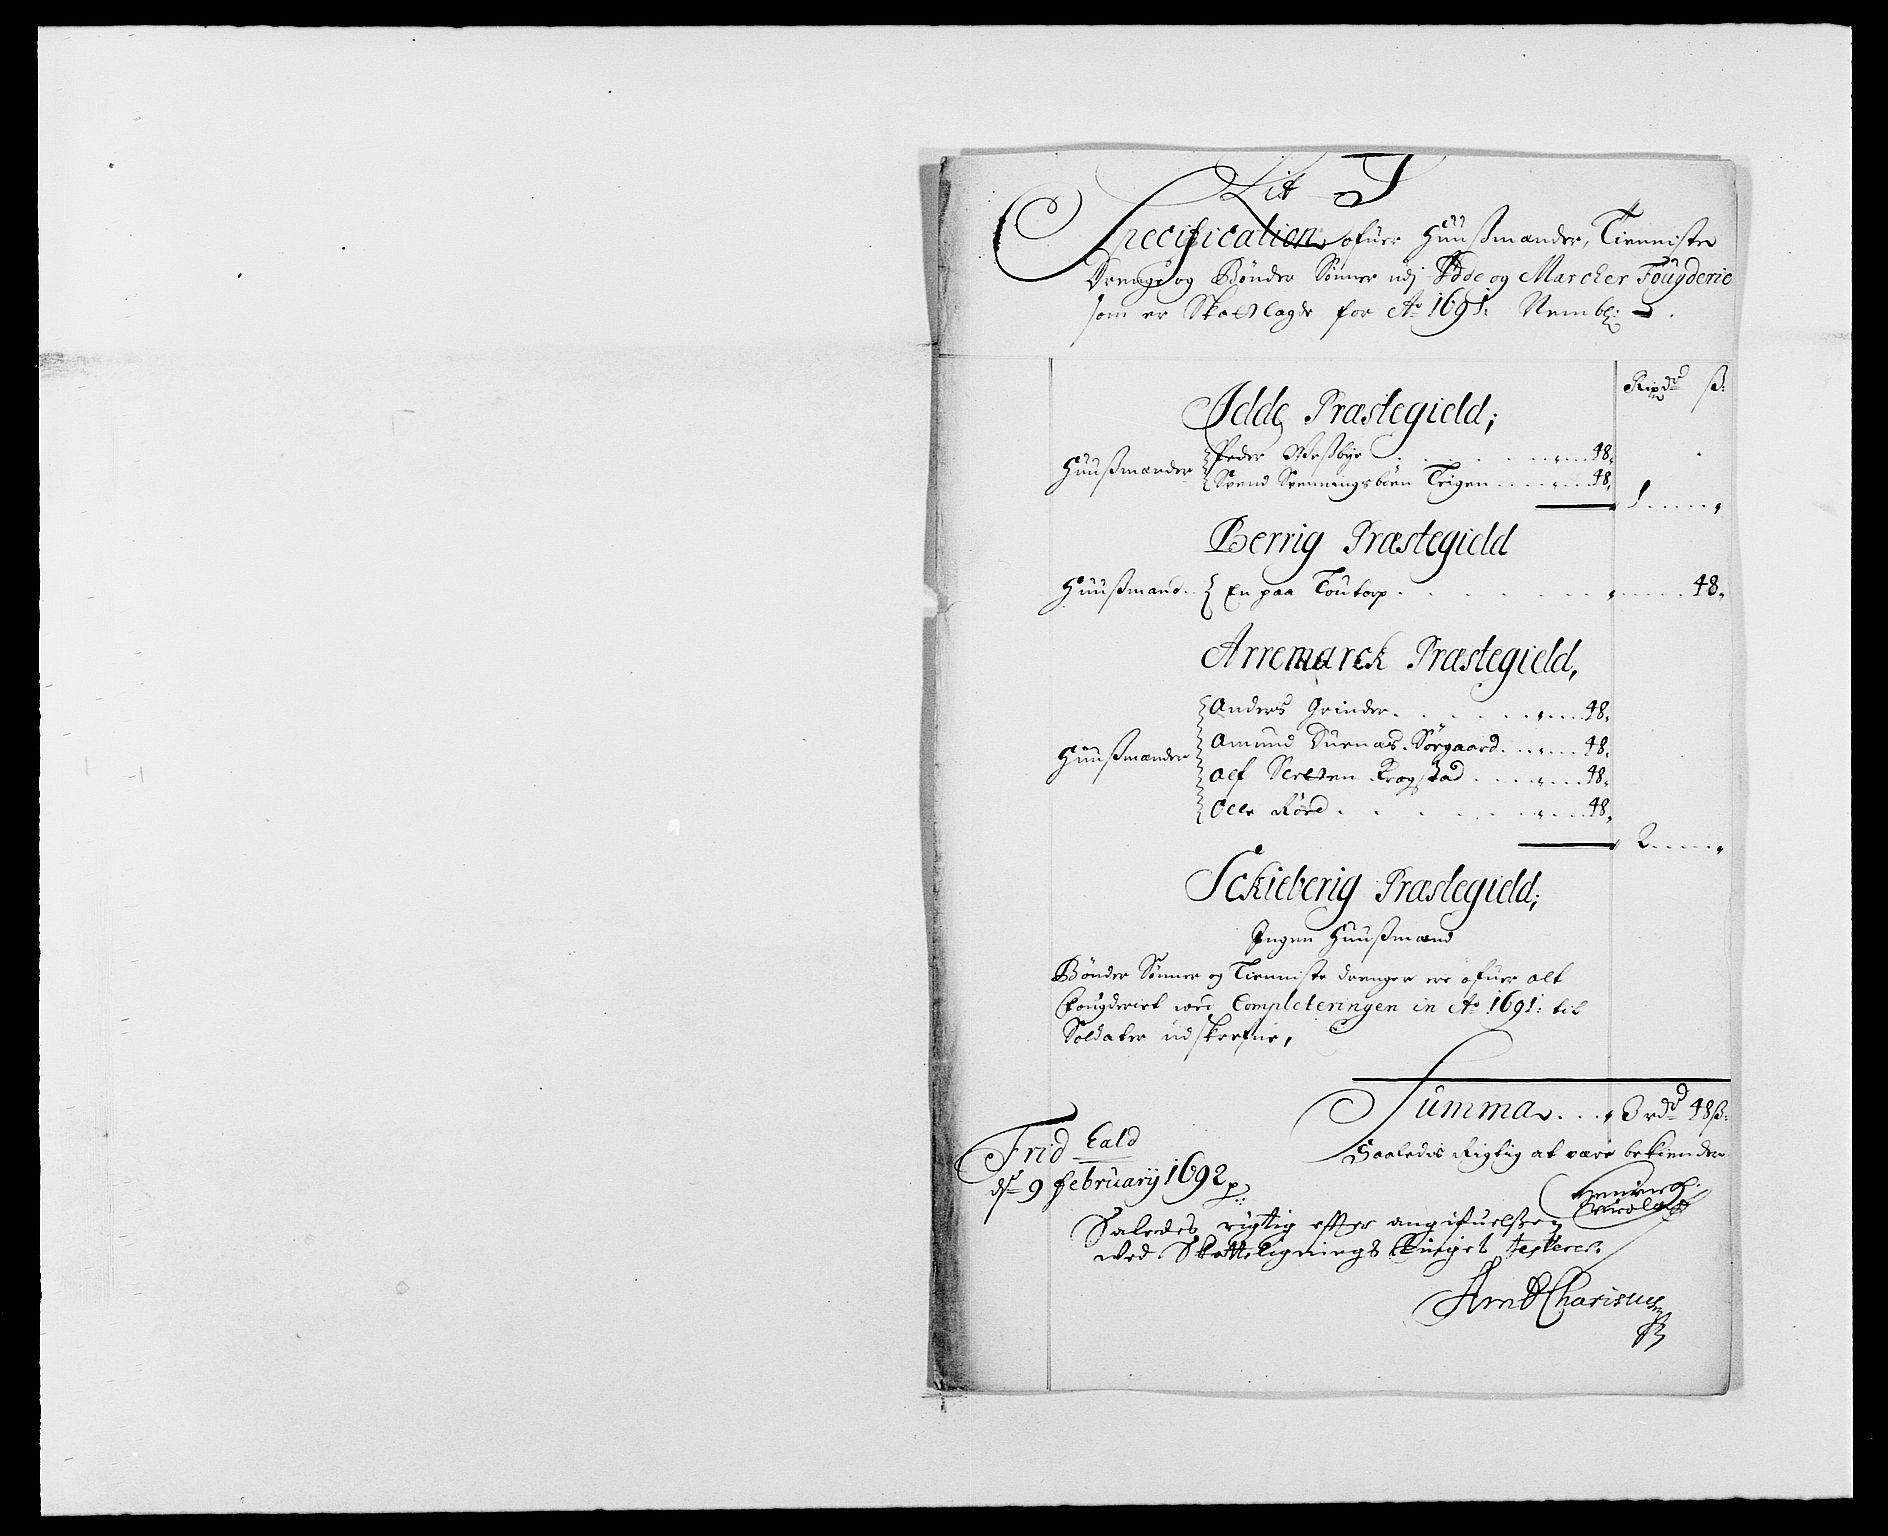 RA, Rentekammeret inntil 1814, Reviderte regnskaper, Fogderegnskap, R01/L0010: Fogderegnskap Idd og Marker, 1690-1691, p. 364